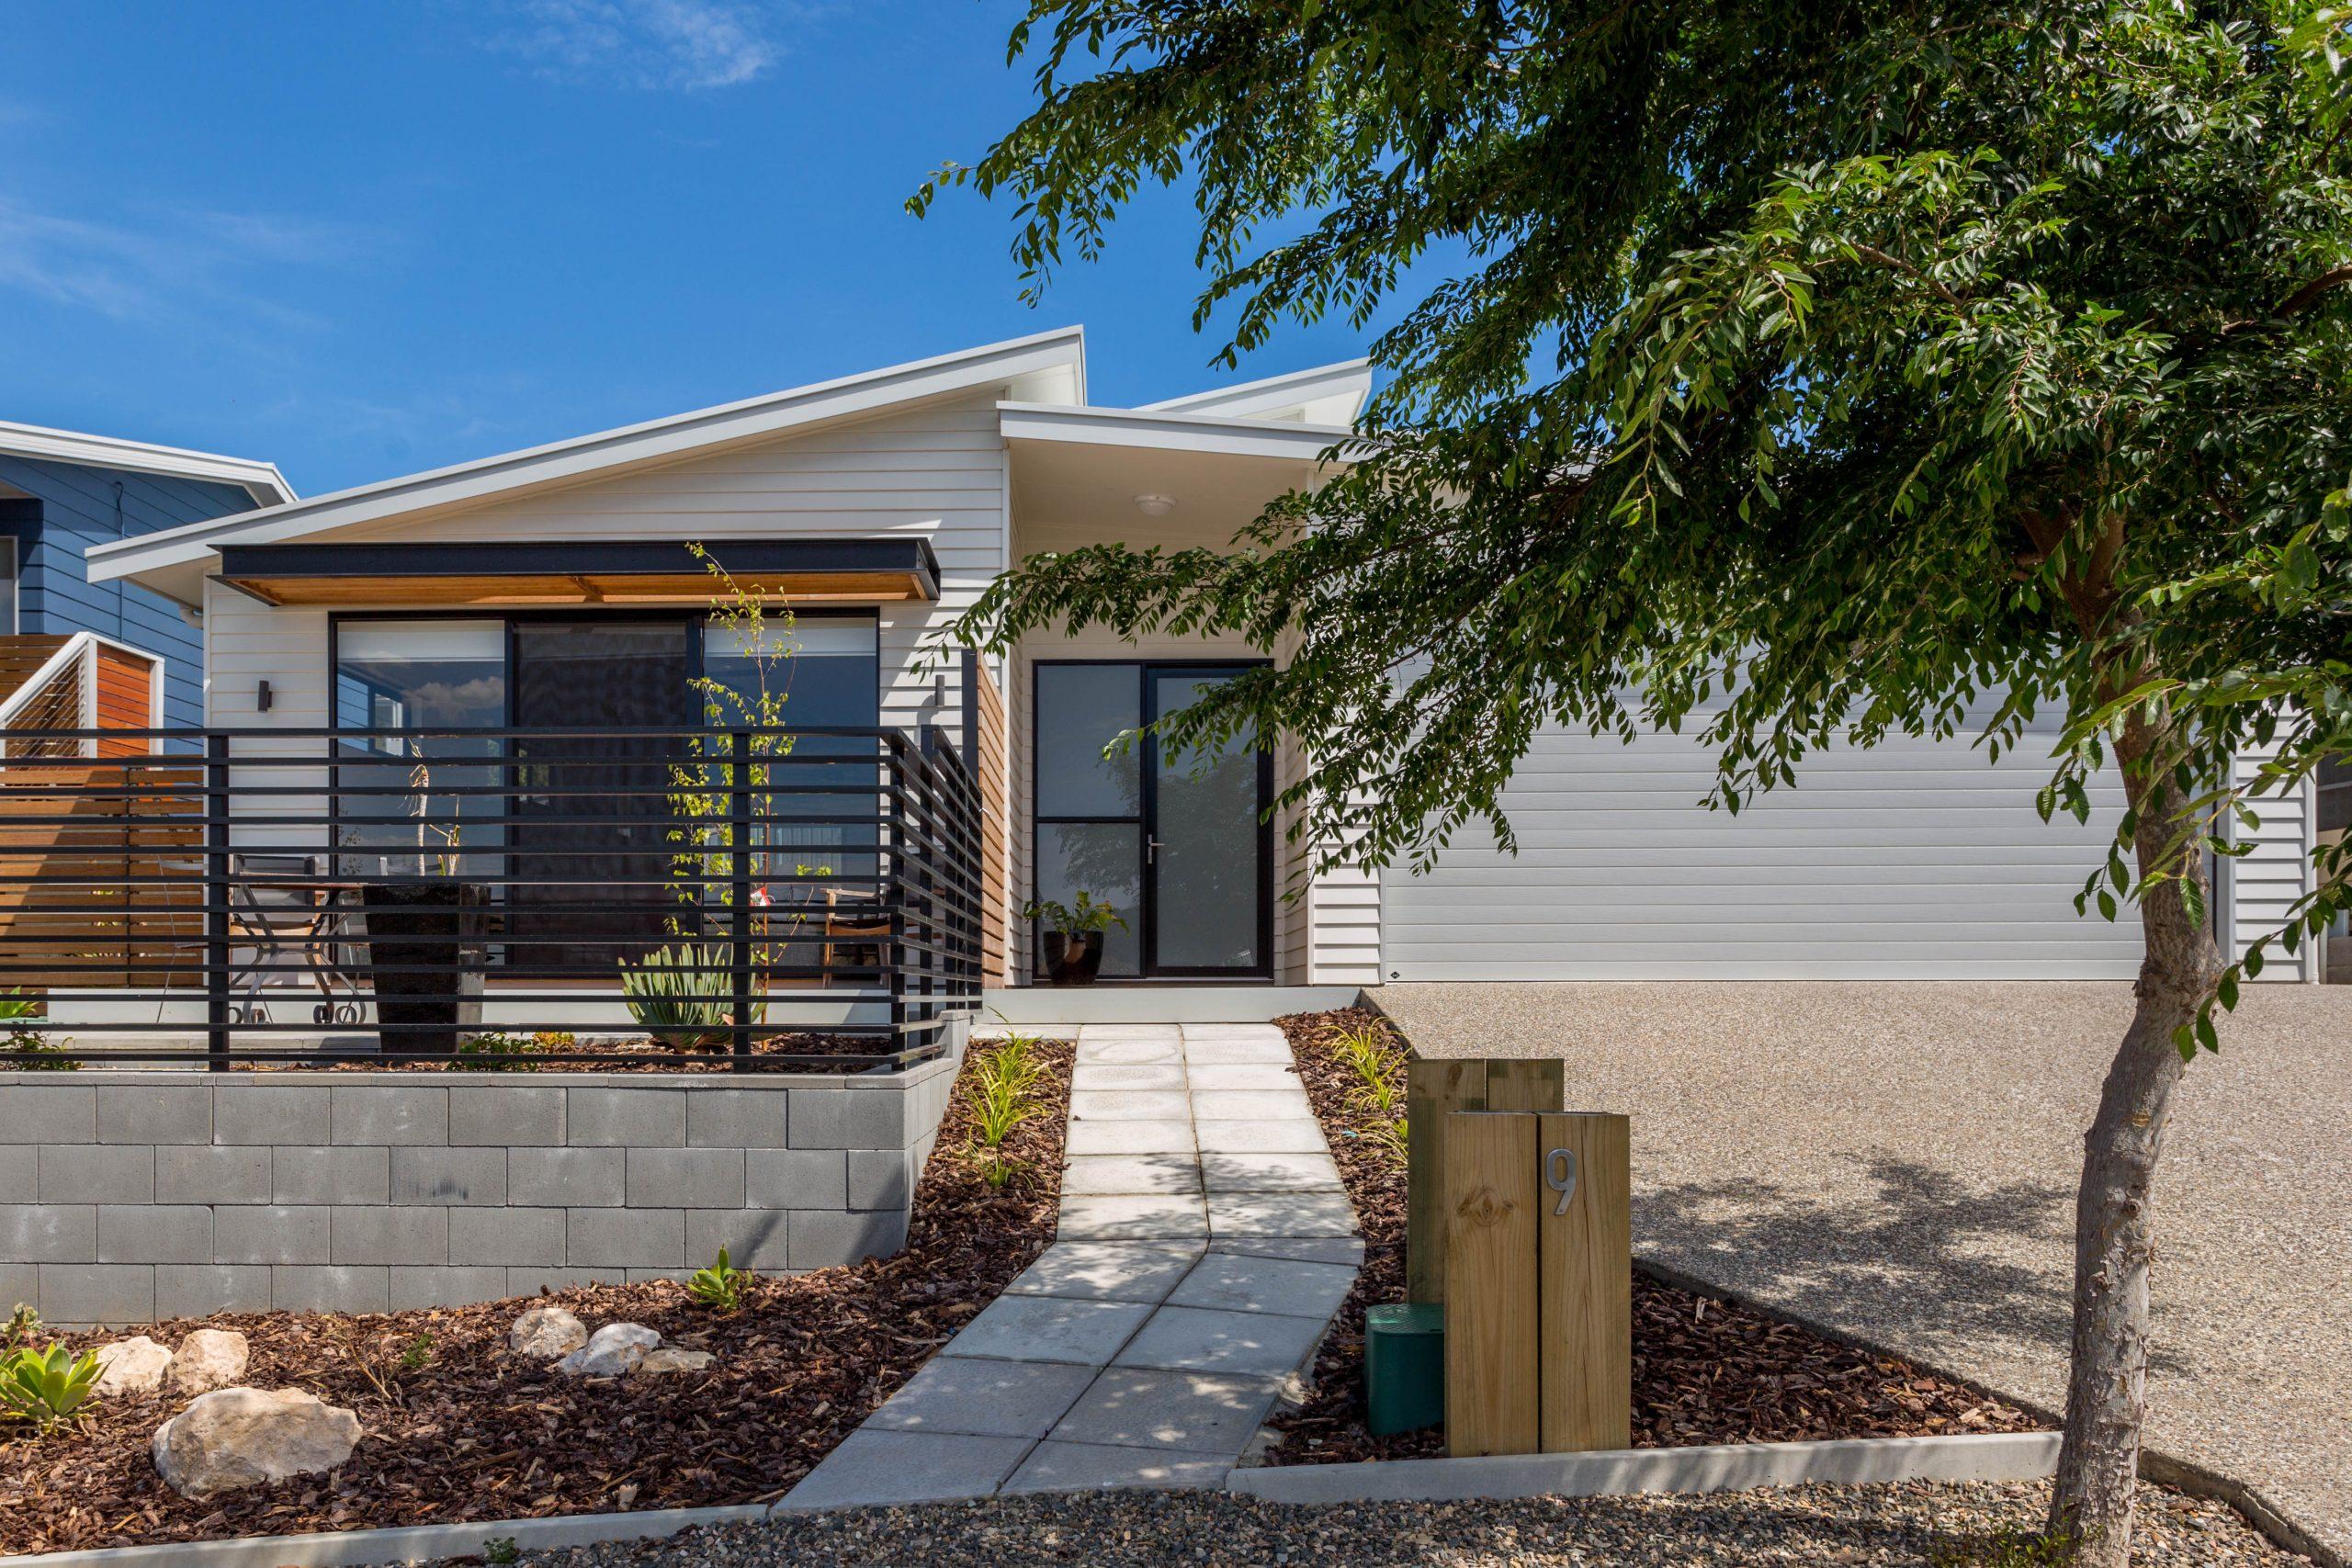 Custom Home, New Home, Single Storey Home, Builders, Design, Port Elliot, Fleurieu, Front View